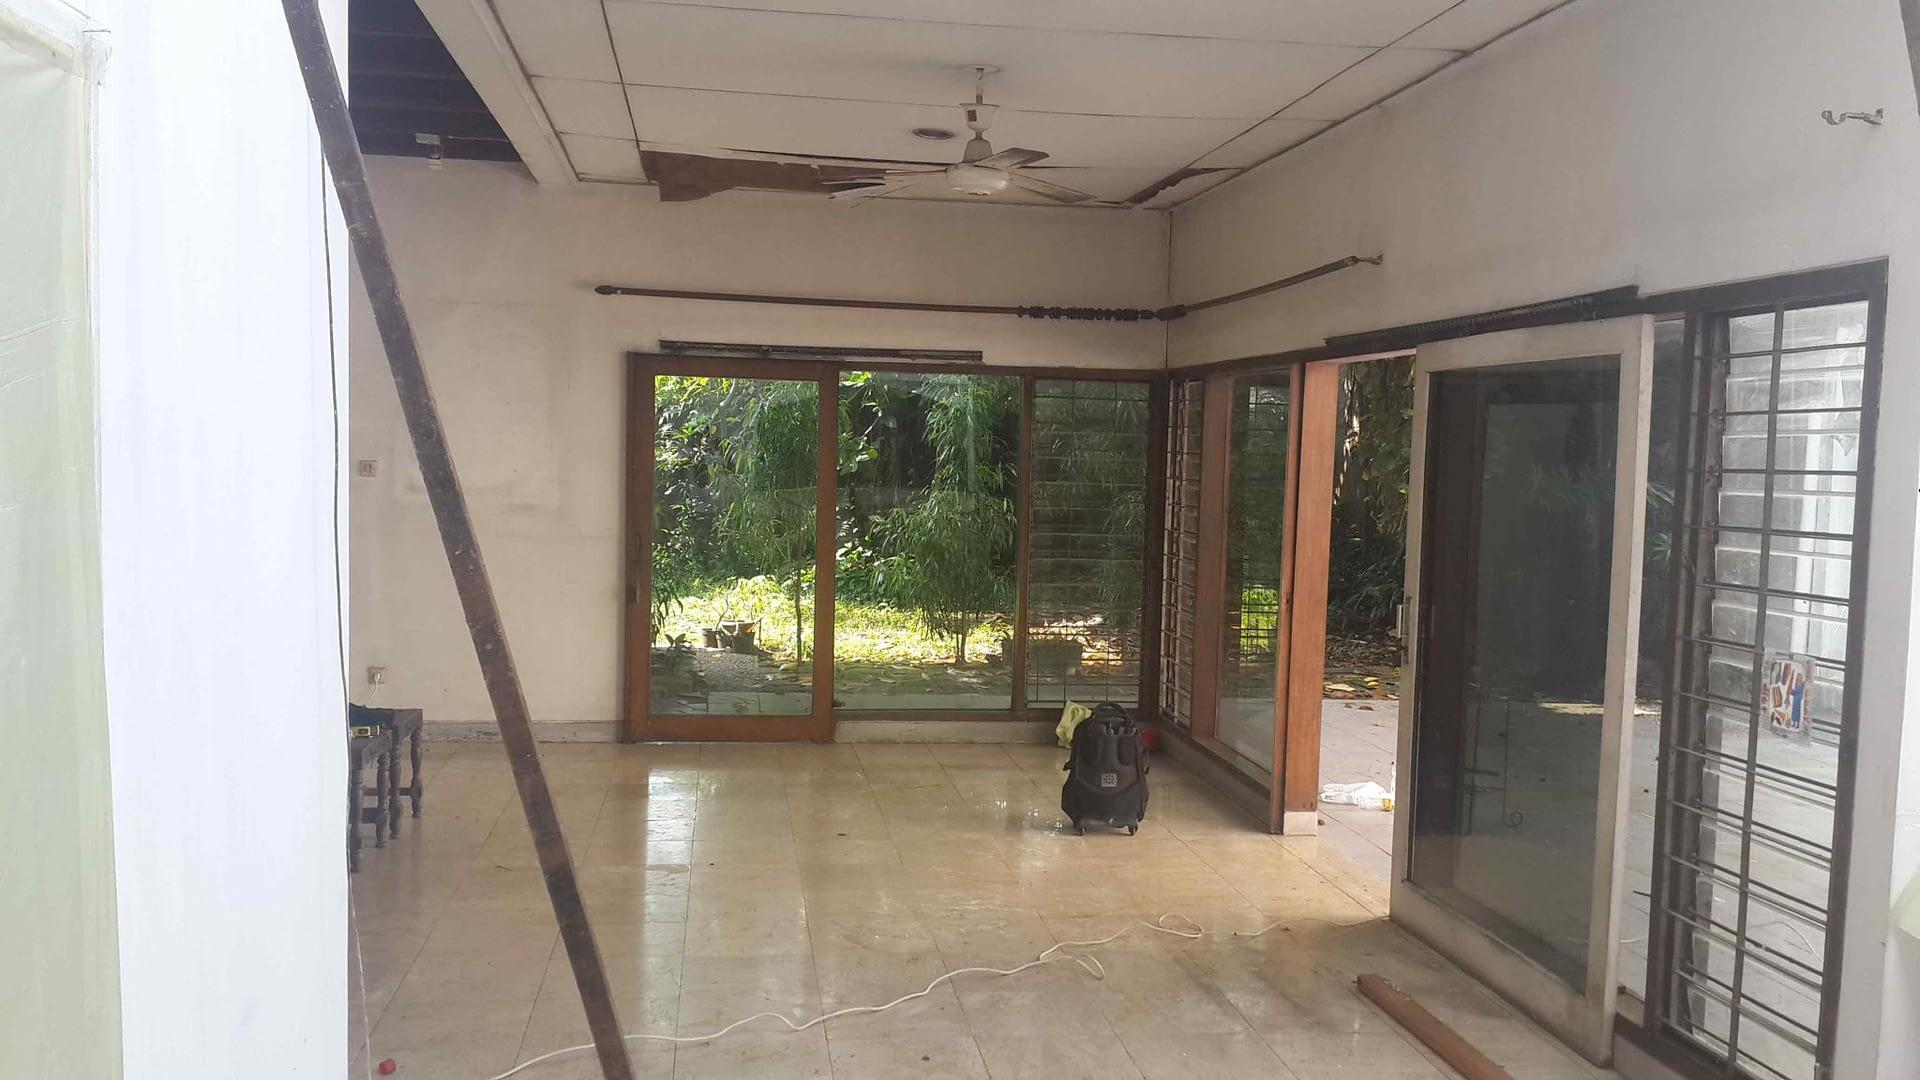 Renovasi Atap Rumah di Permata Hijau, Jakarta